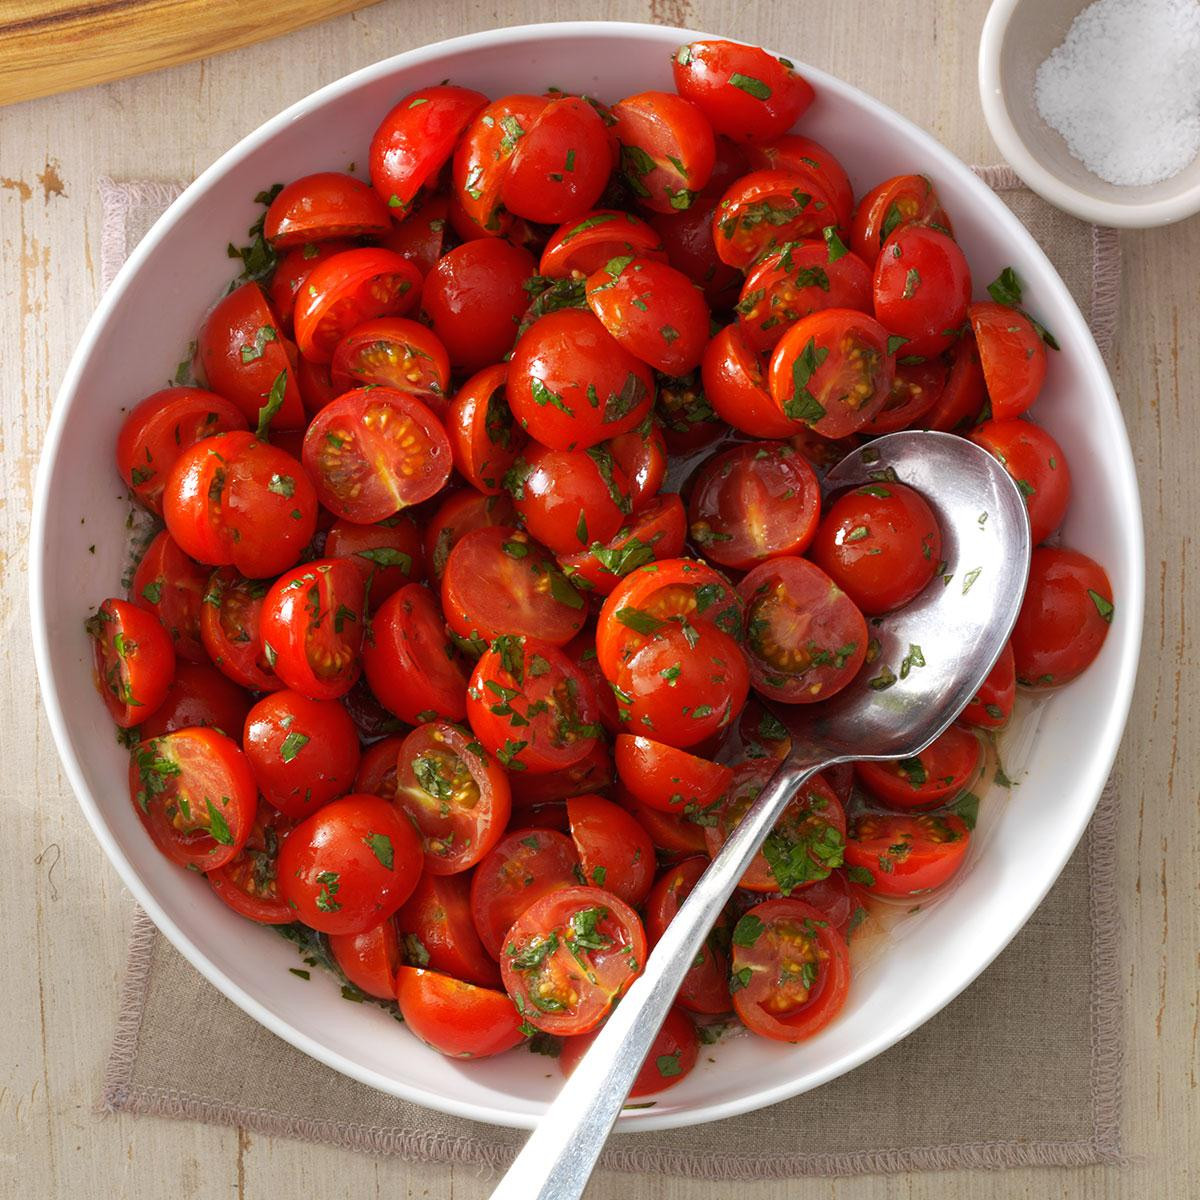 Tomato Salad Recipe  Cherry Tomato Salad Recipe